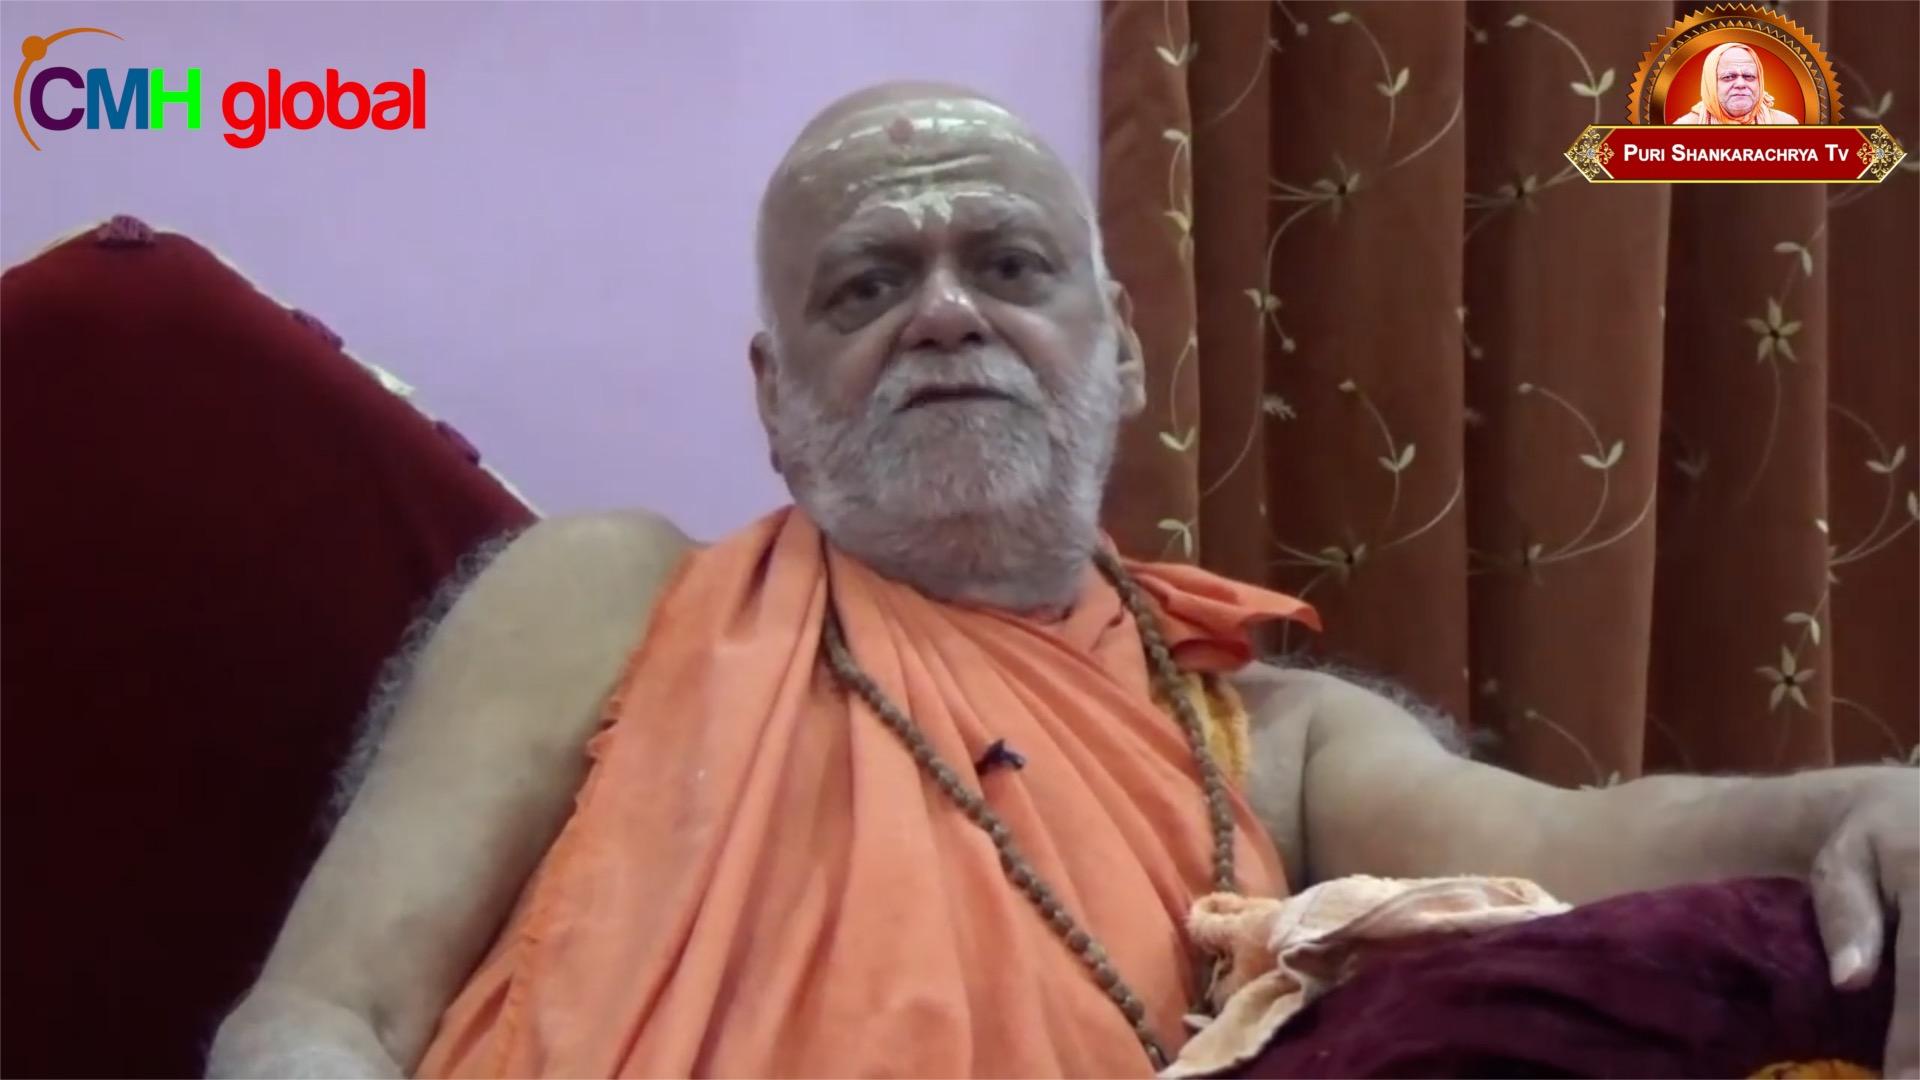 Gyan Dhara Ep -53 by Puri Shankaracharya Swami Nishchalananda Saraswati Ji